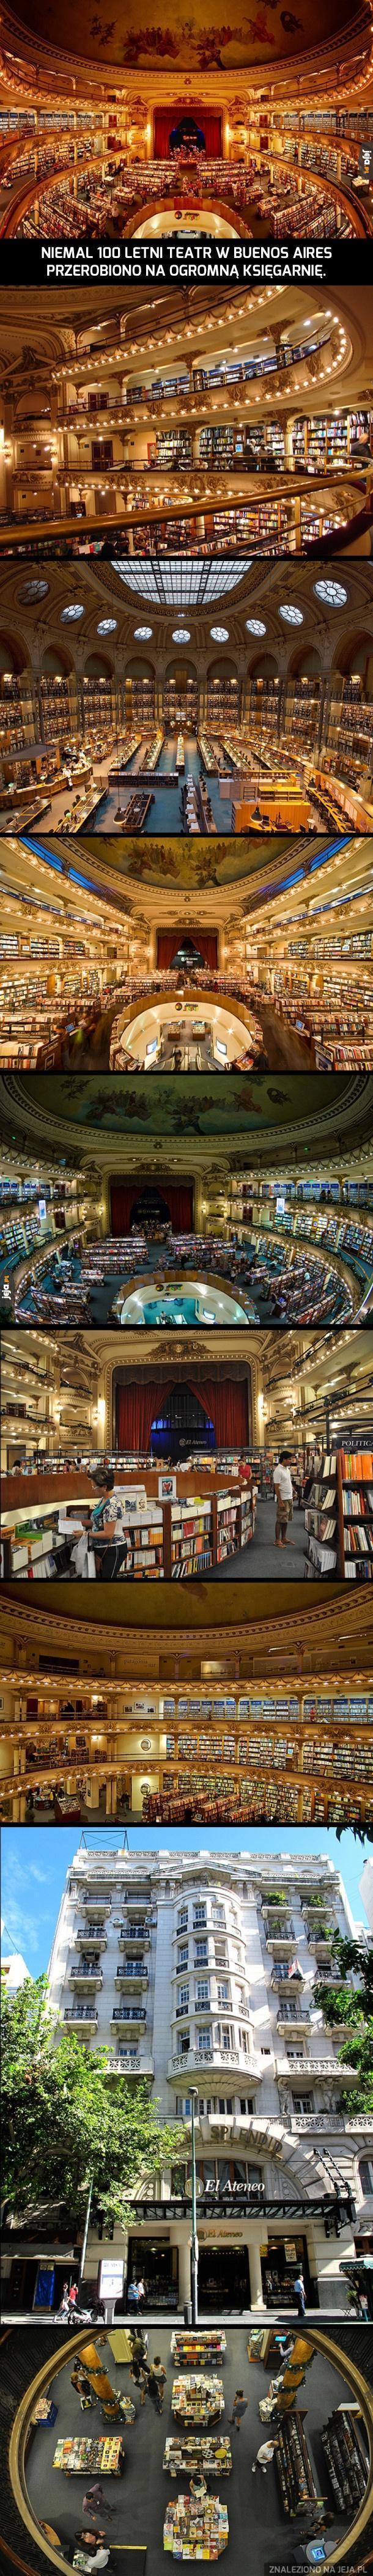 Cudowna księgarnia